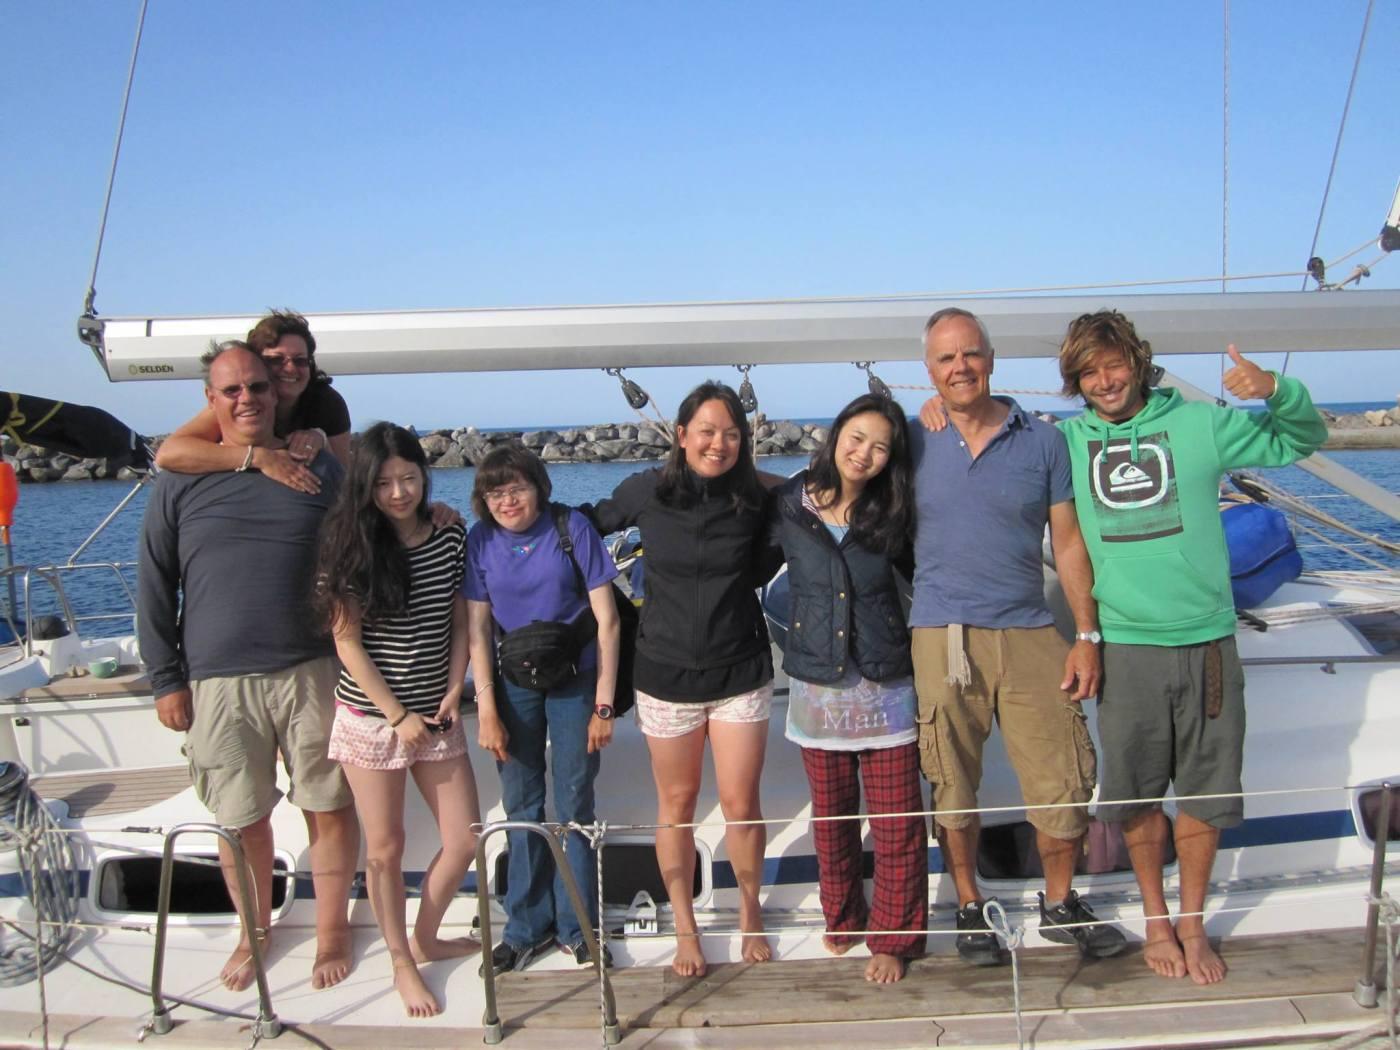 De bemanning van het Griekenland zeil avontuur: Karel, Denise, Tina, Andrea, Row, Xin, Paul, en schipper Andre.